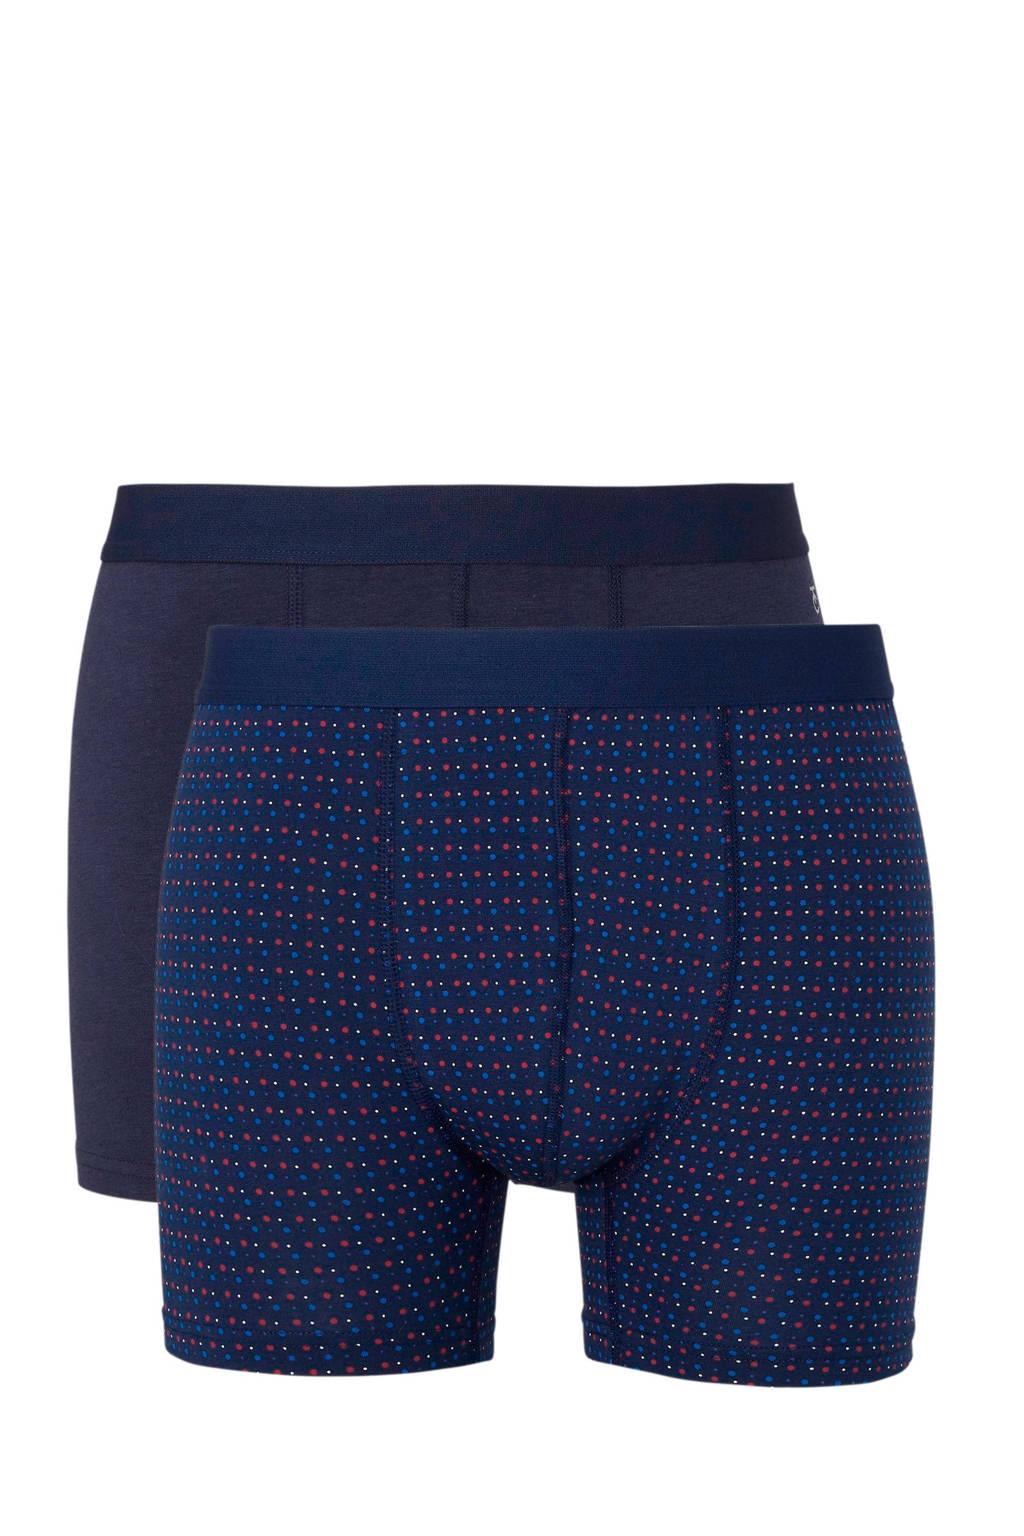 ten Cate boxershort (set van 2) blauw, Blauw/rood/wit